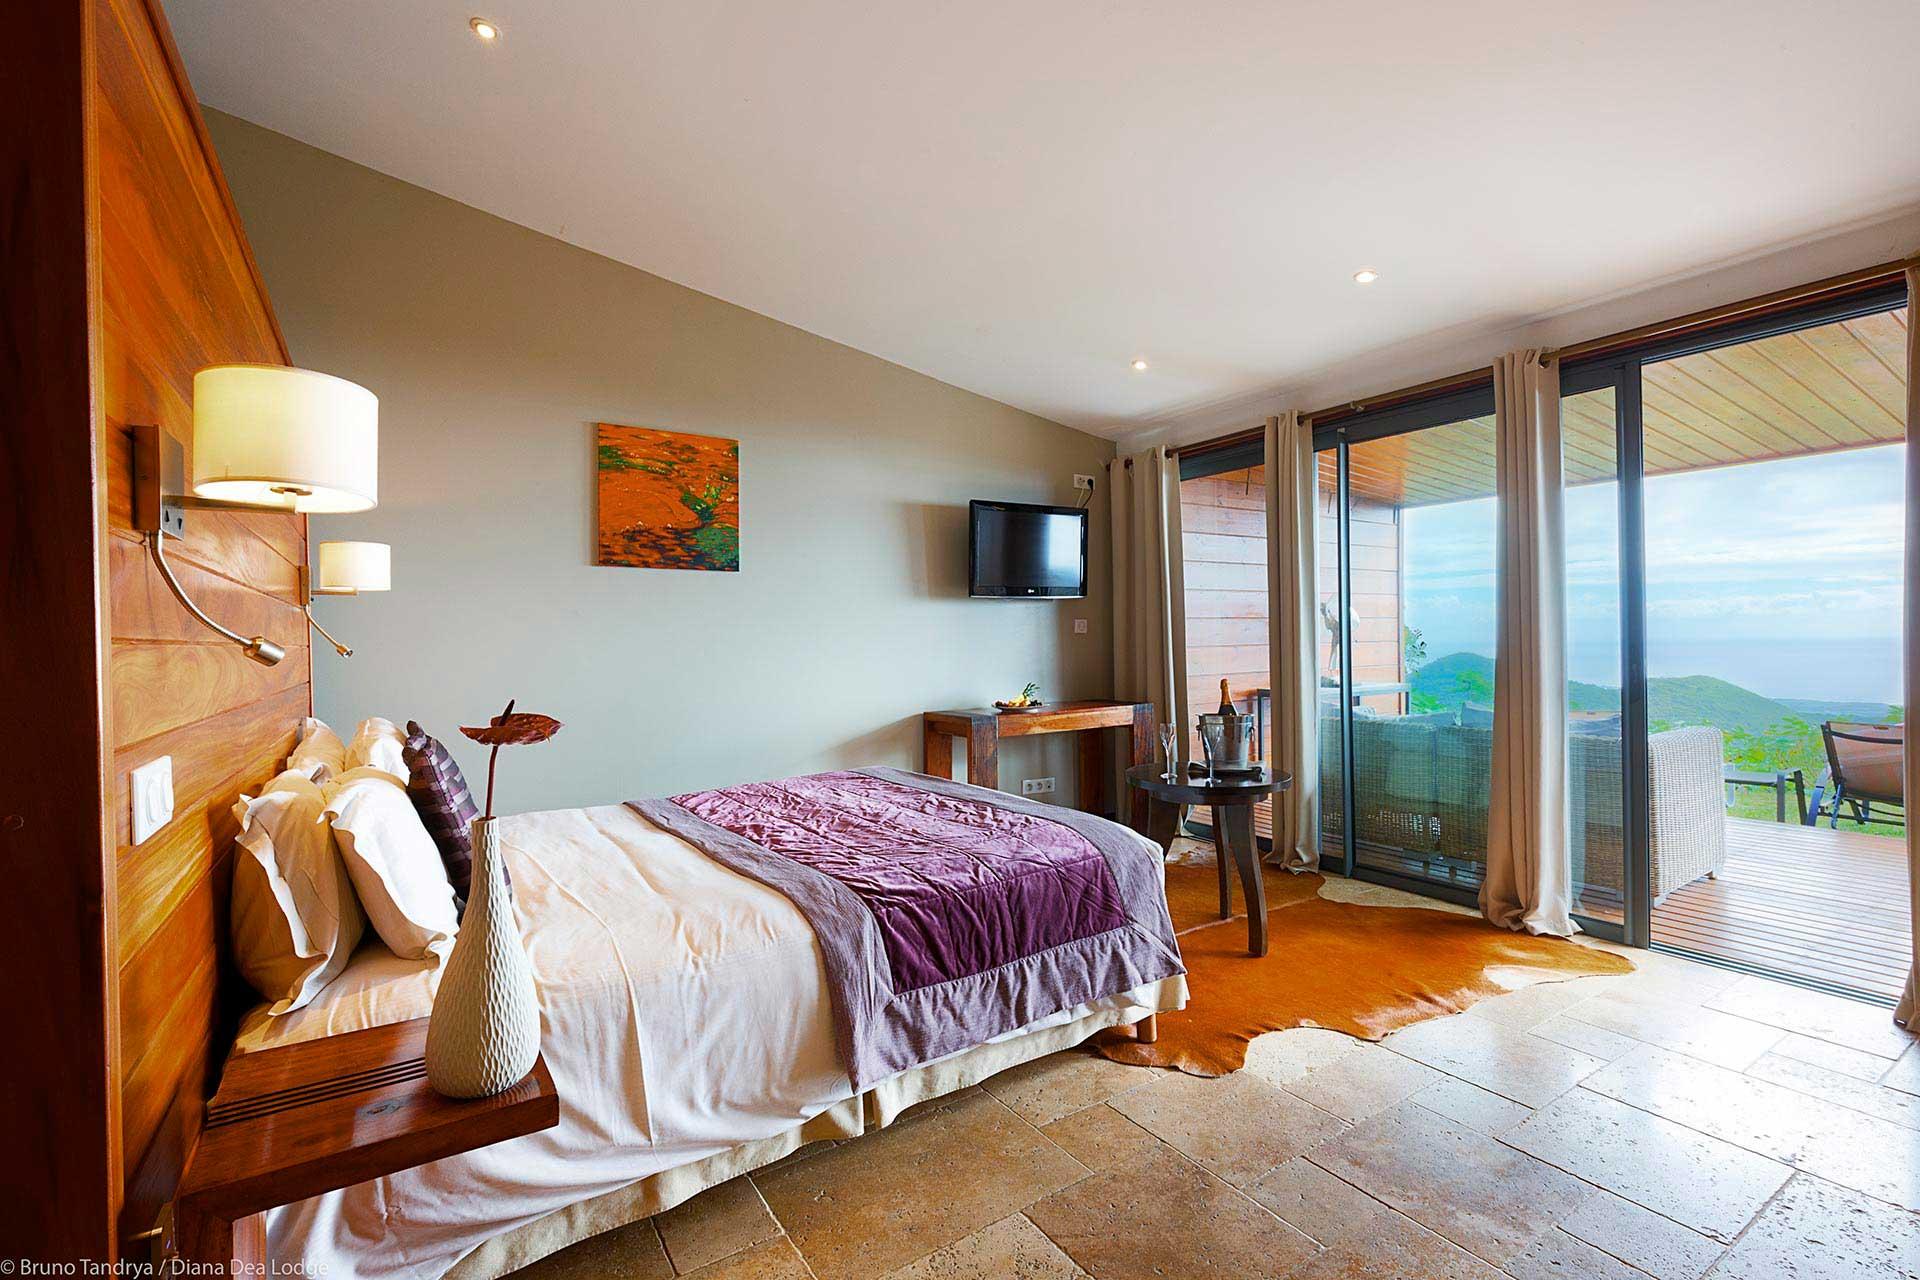 Chambre Privilège du Diana Dea Lodge - Hotel Île de la Réunion